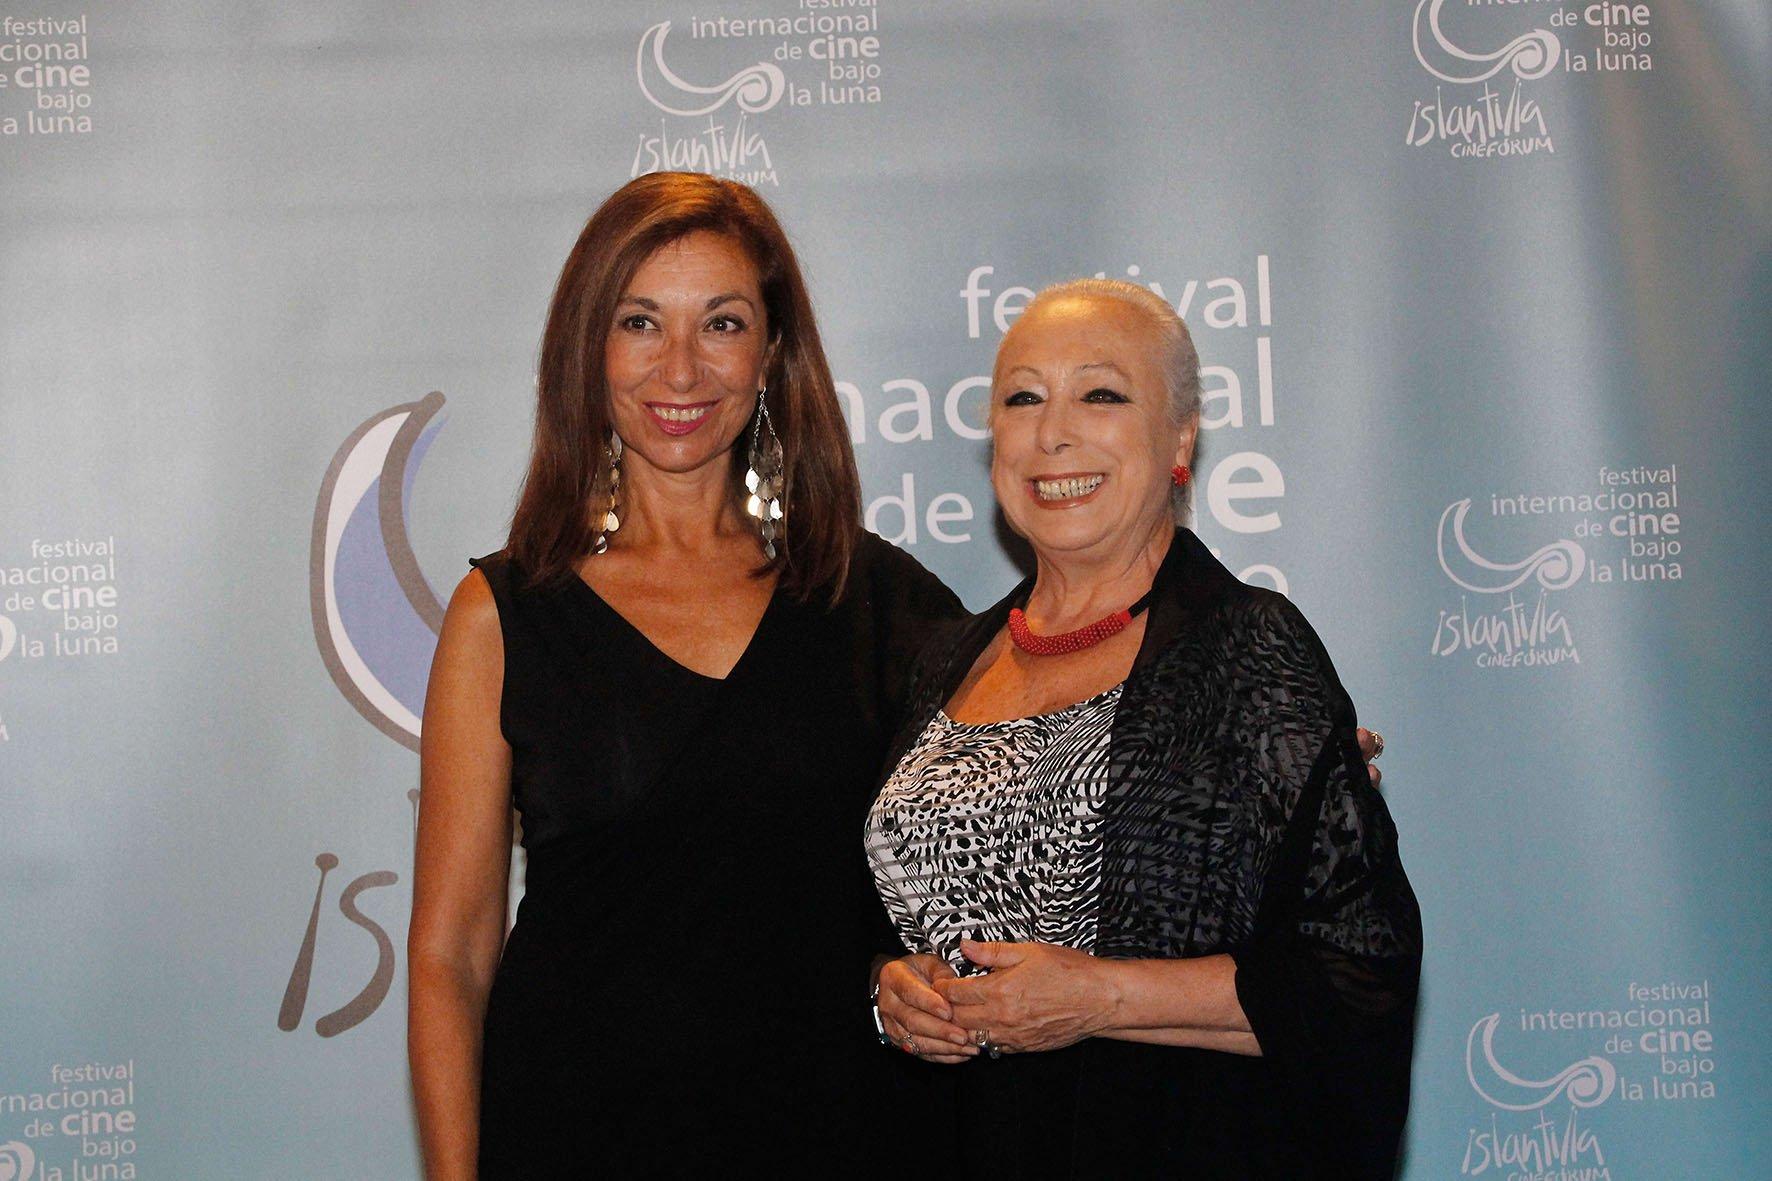 2016 08 27 Ceremonia de Clausura - Mercedes Hoyos y Cristina Hoyos